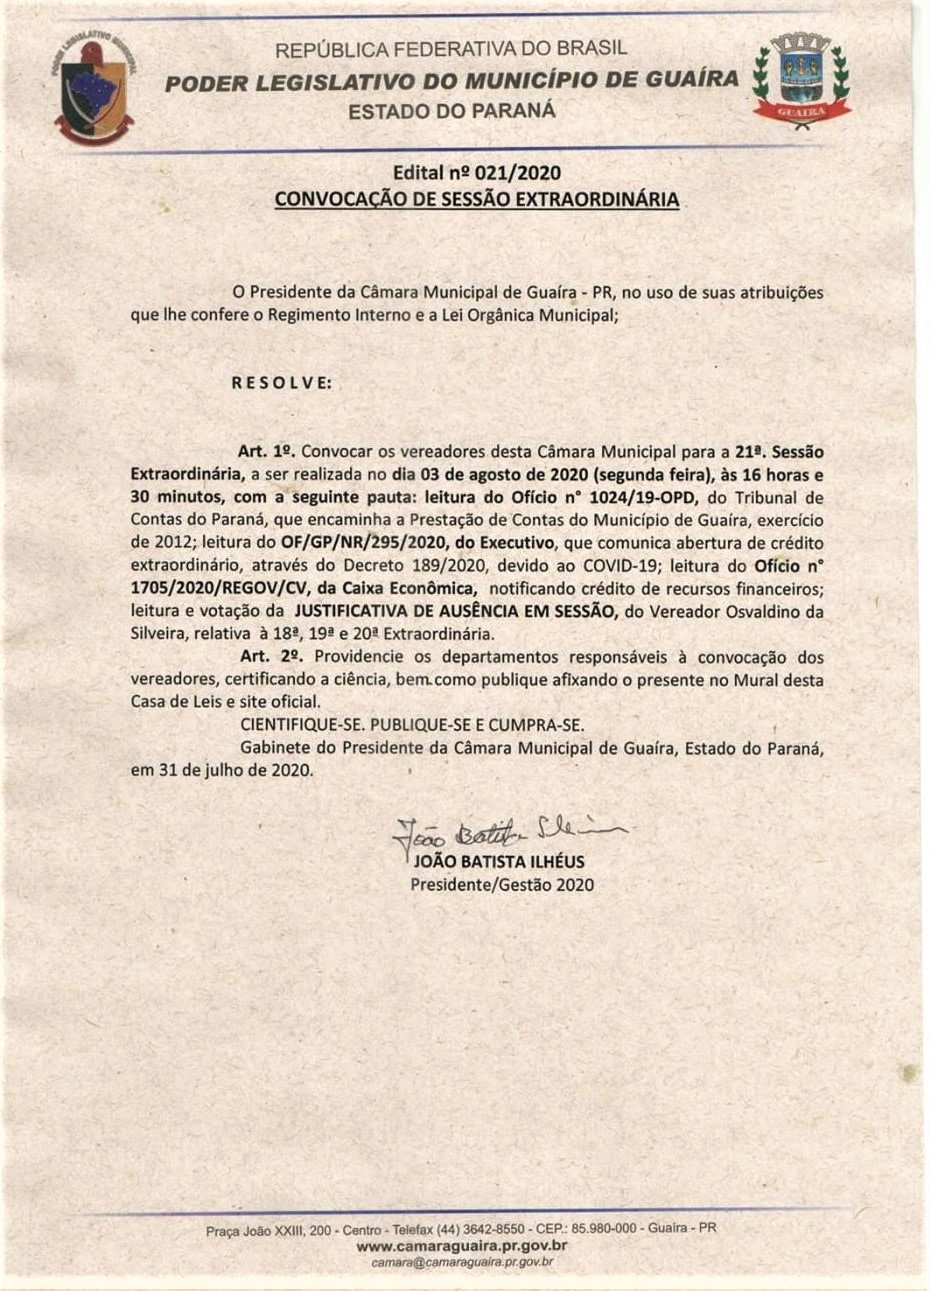 21ª SESSÃO EXTRAORDINÁRIA DA CÂMARA ESTÁ MARCADA PARA SEGUNDA (03)